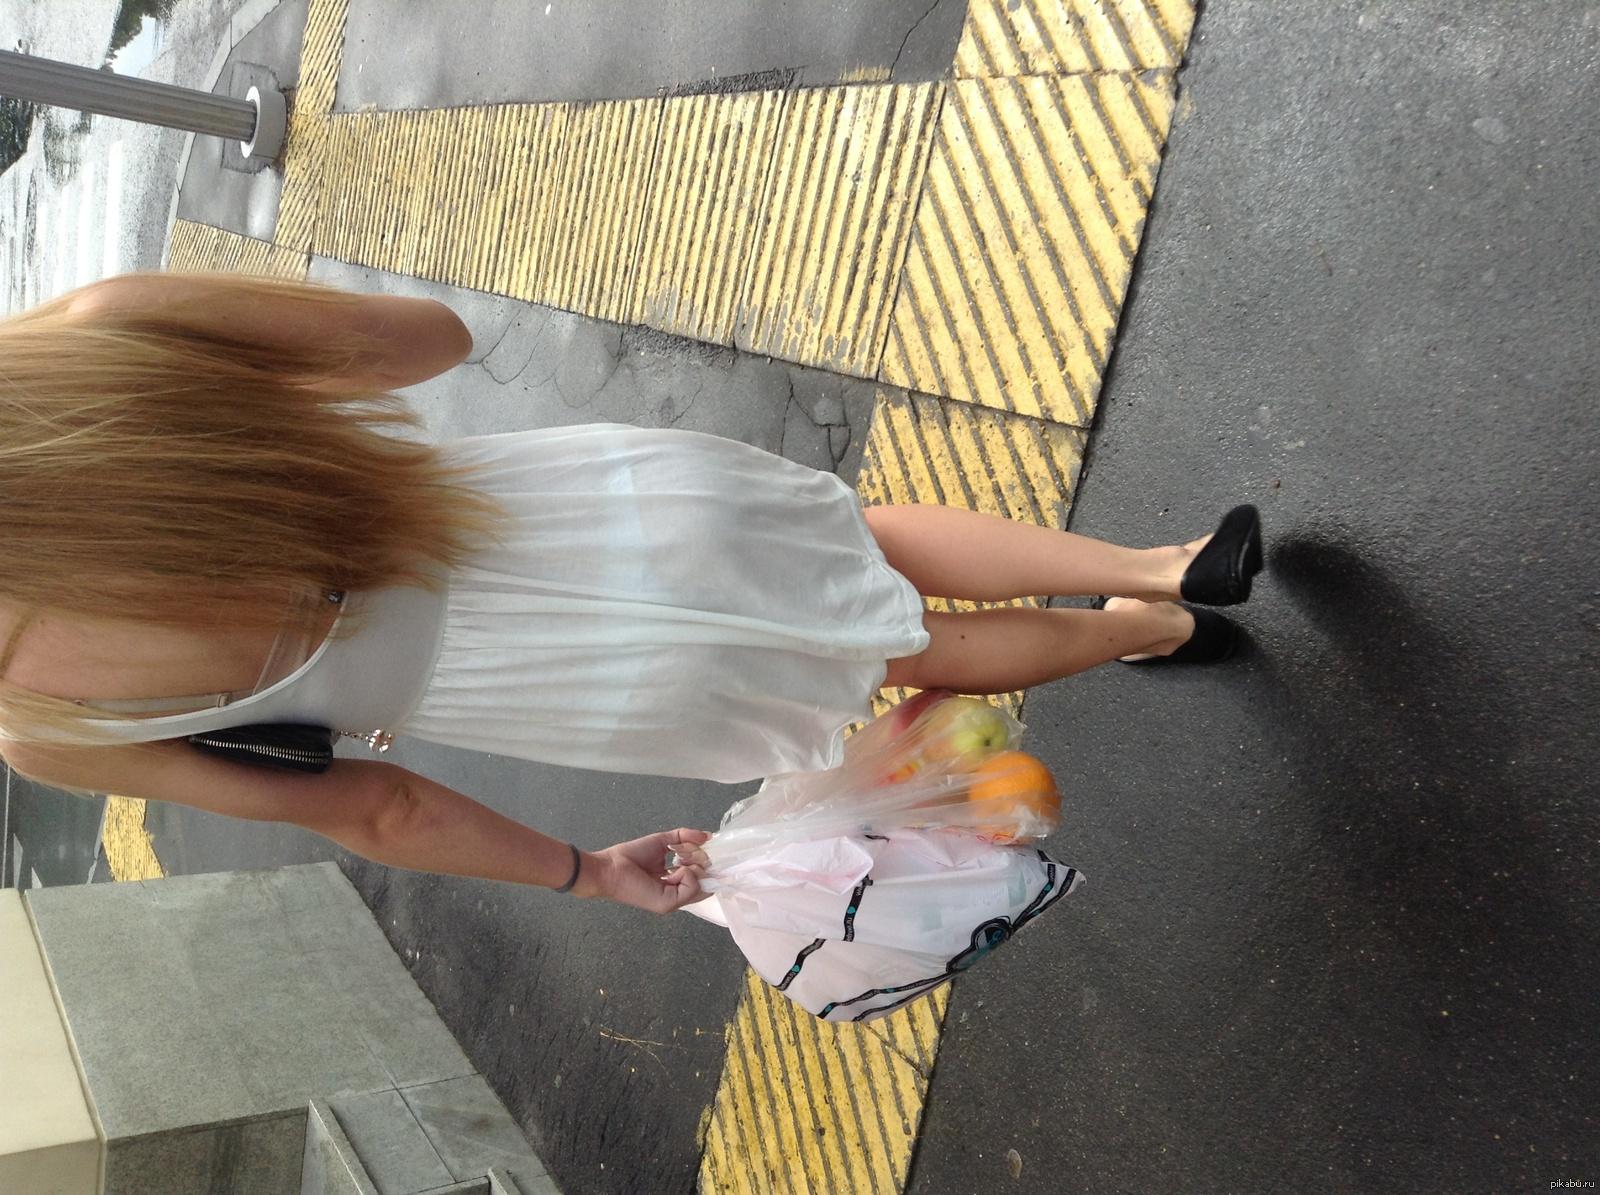 Видео девушка промокшая на остановке платье просвечивает насквозь, саша грей с тремя актерами